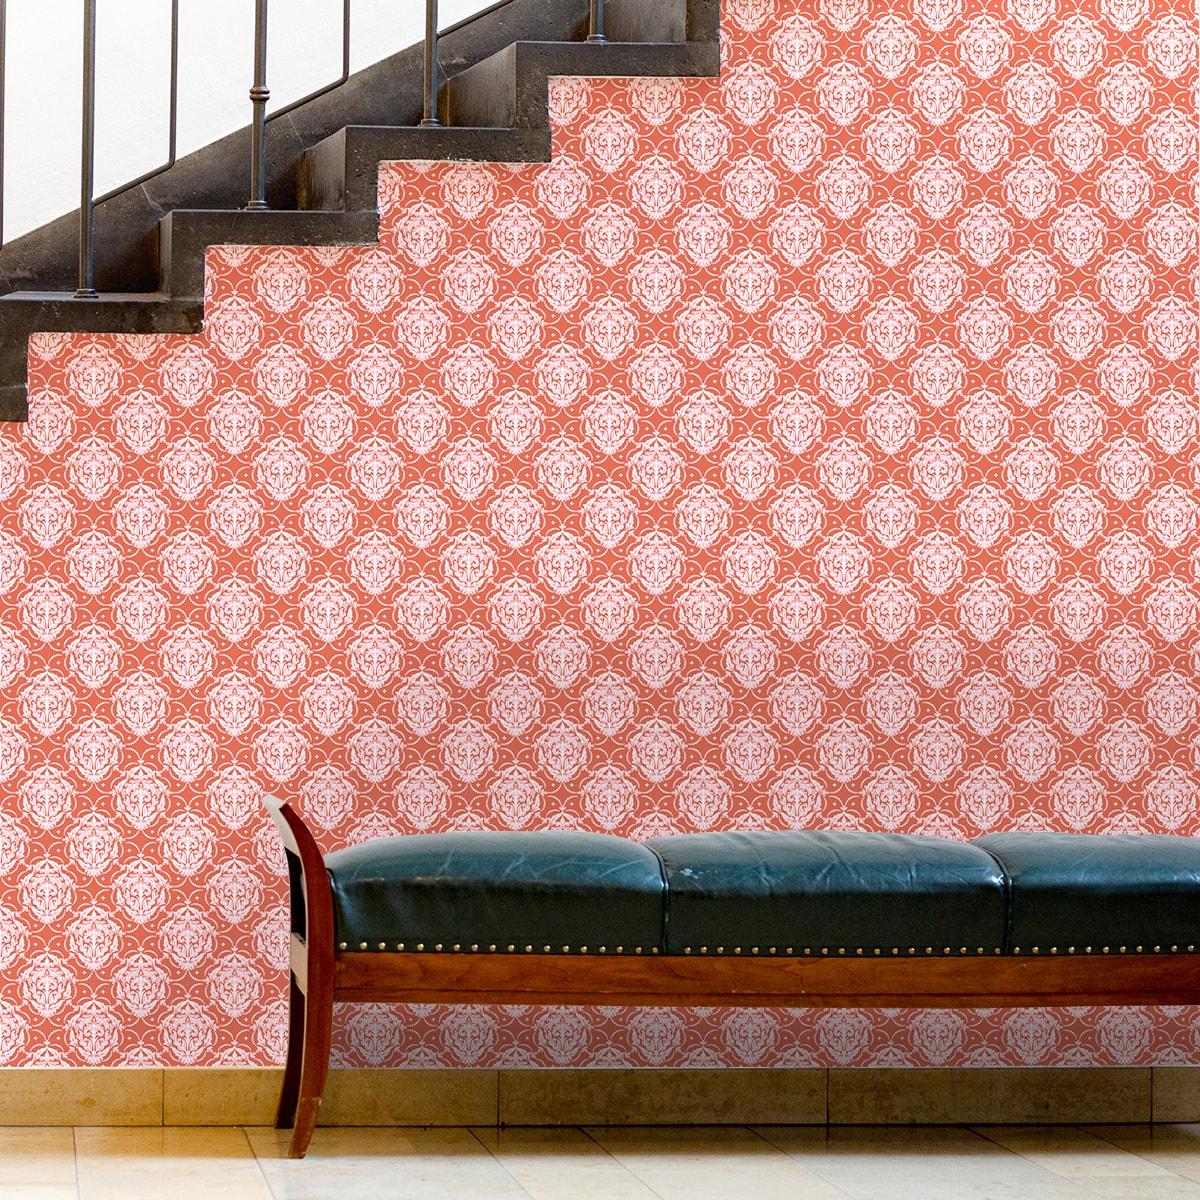 Wandtapete braun: Ornamenttapete My Castle Damast Muster in rot braun, Design Tapete für Ihr Zuhause